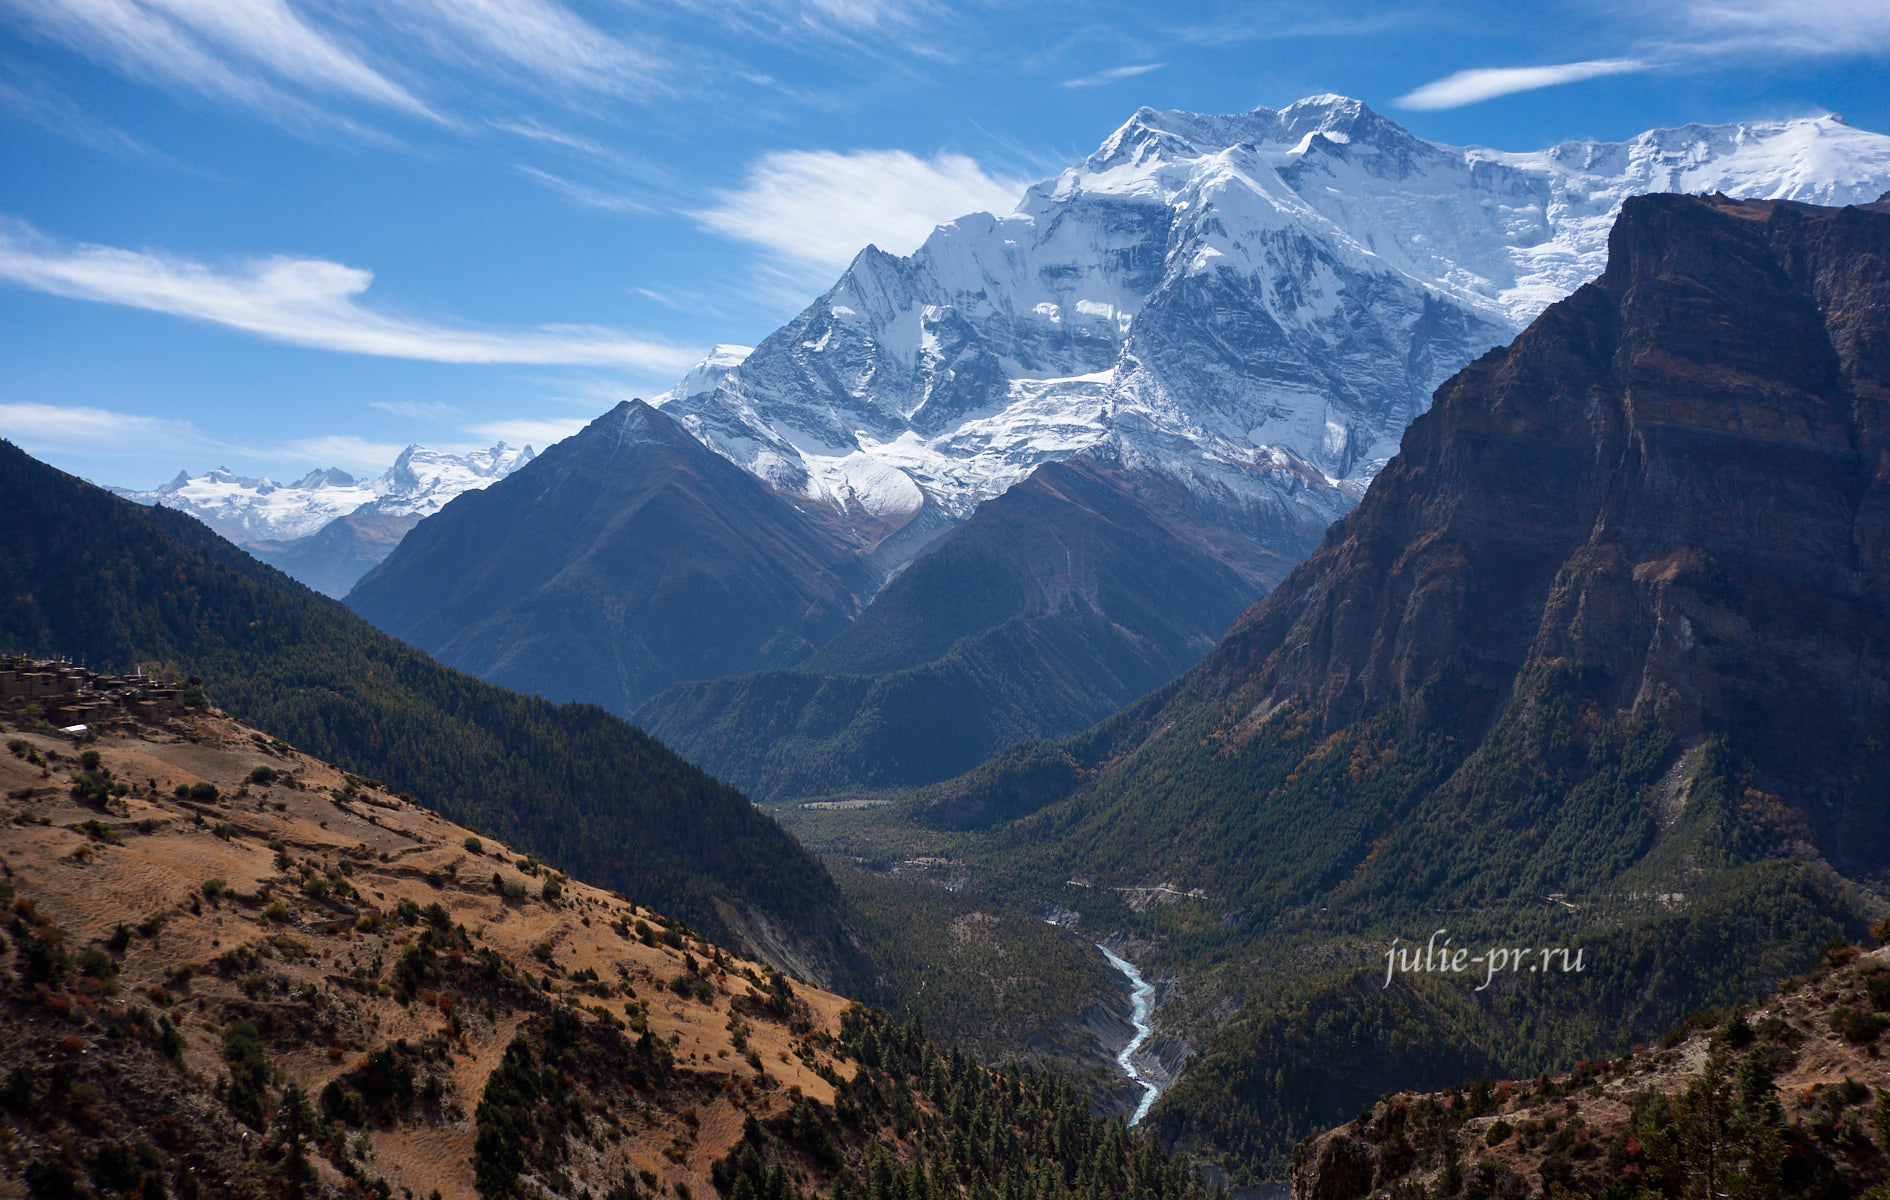 Непал, Трек вокруг Аннапурны, Аннапурна-II, долина Марсъянди